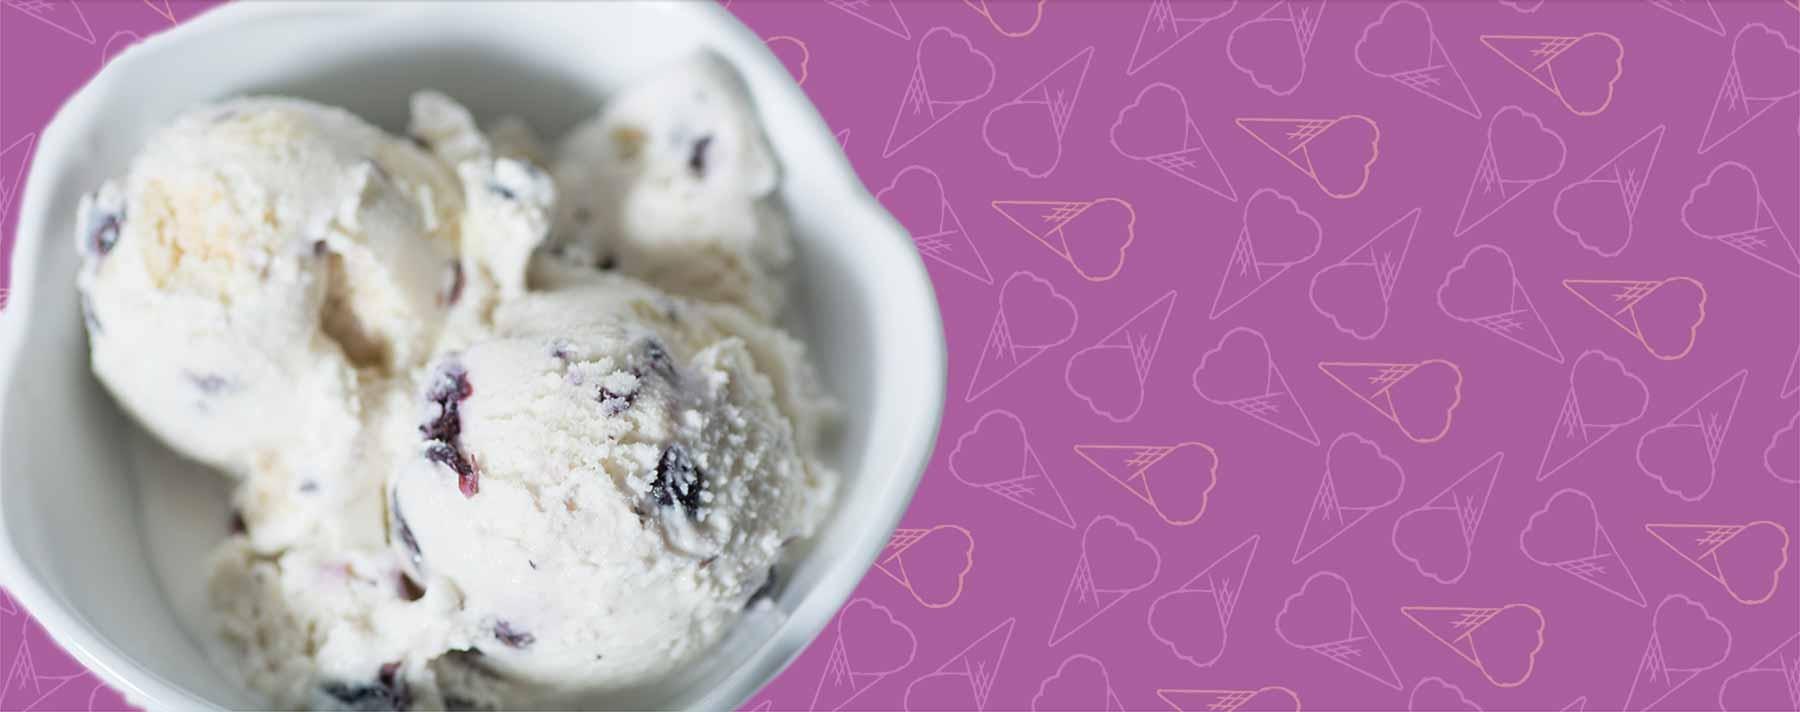 Elena's Blueberry Pie Ice Cream